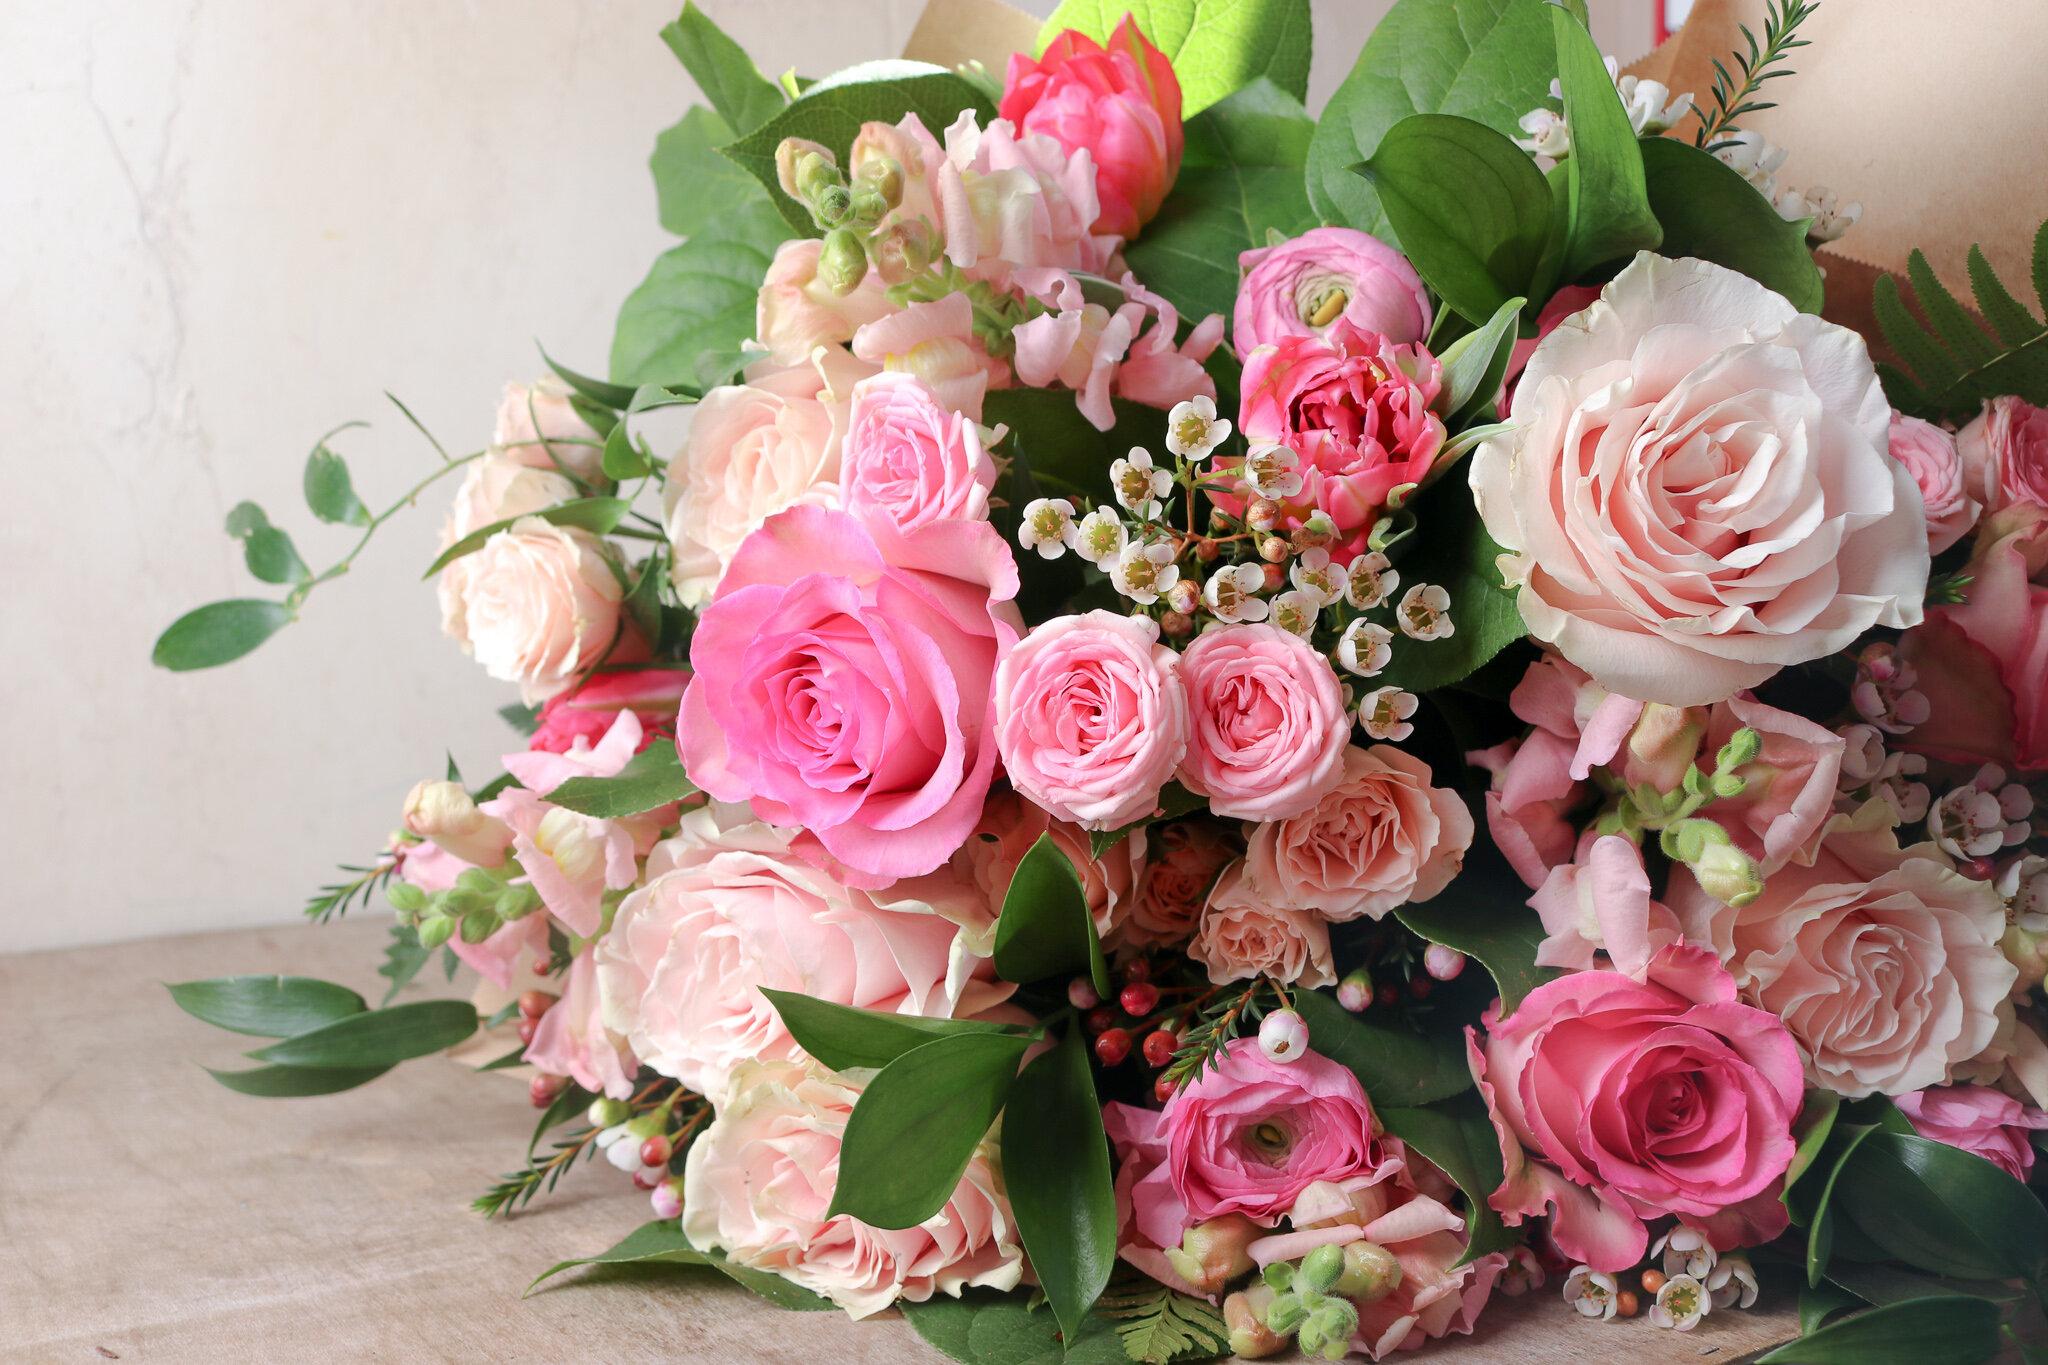 Le Bouquet de Fleurs — Andover Florist